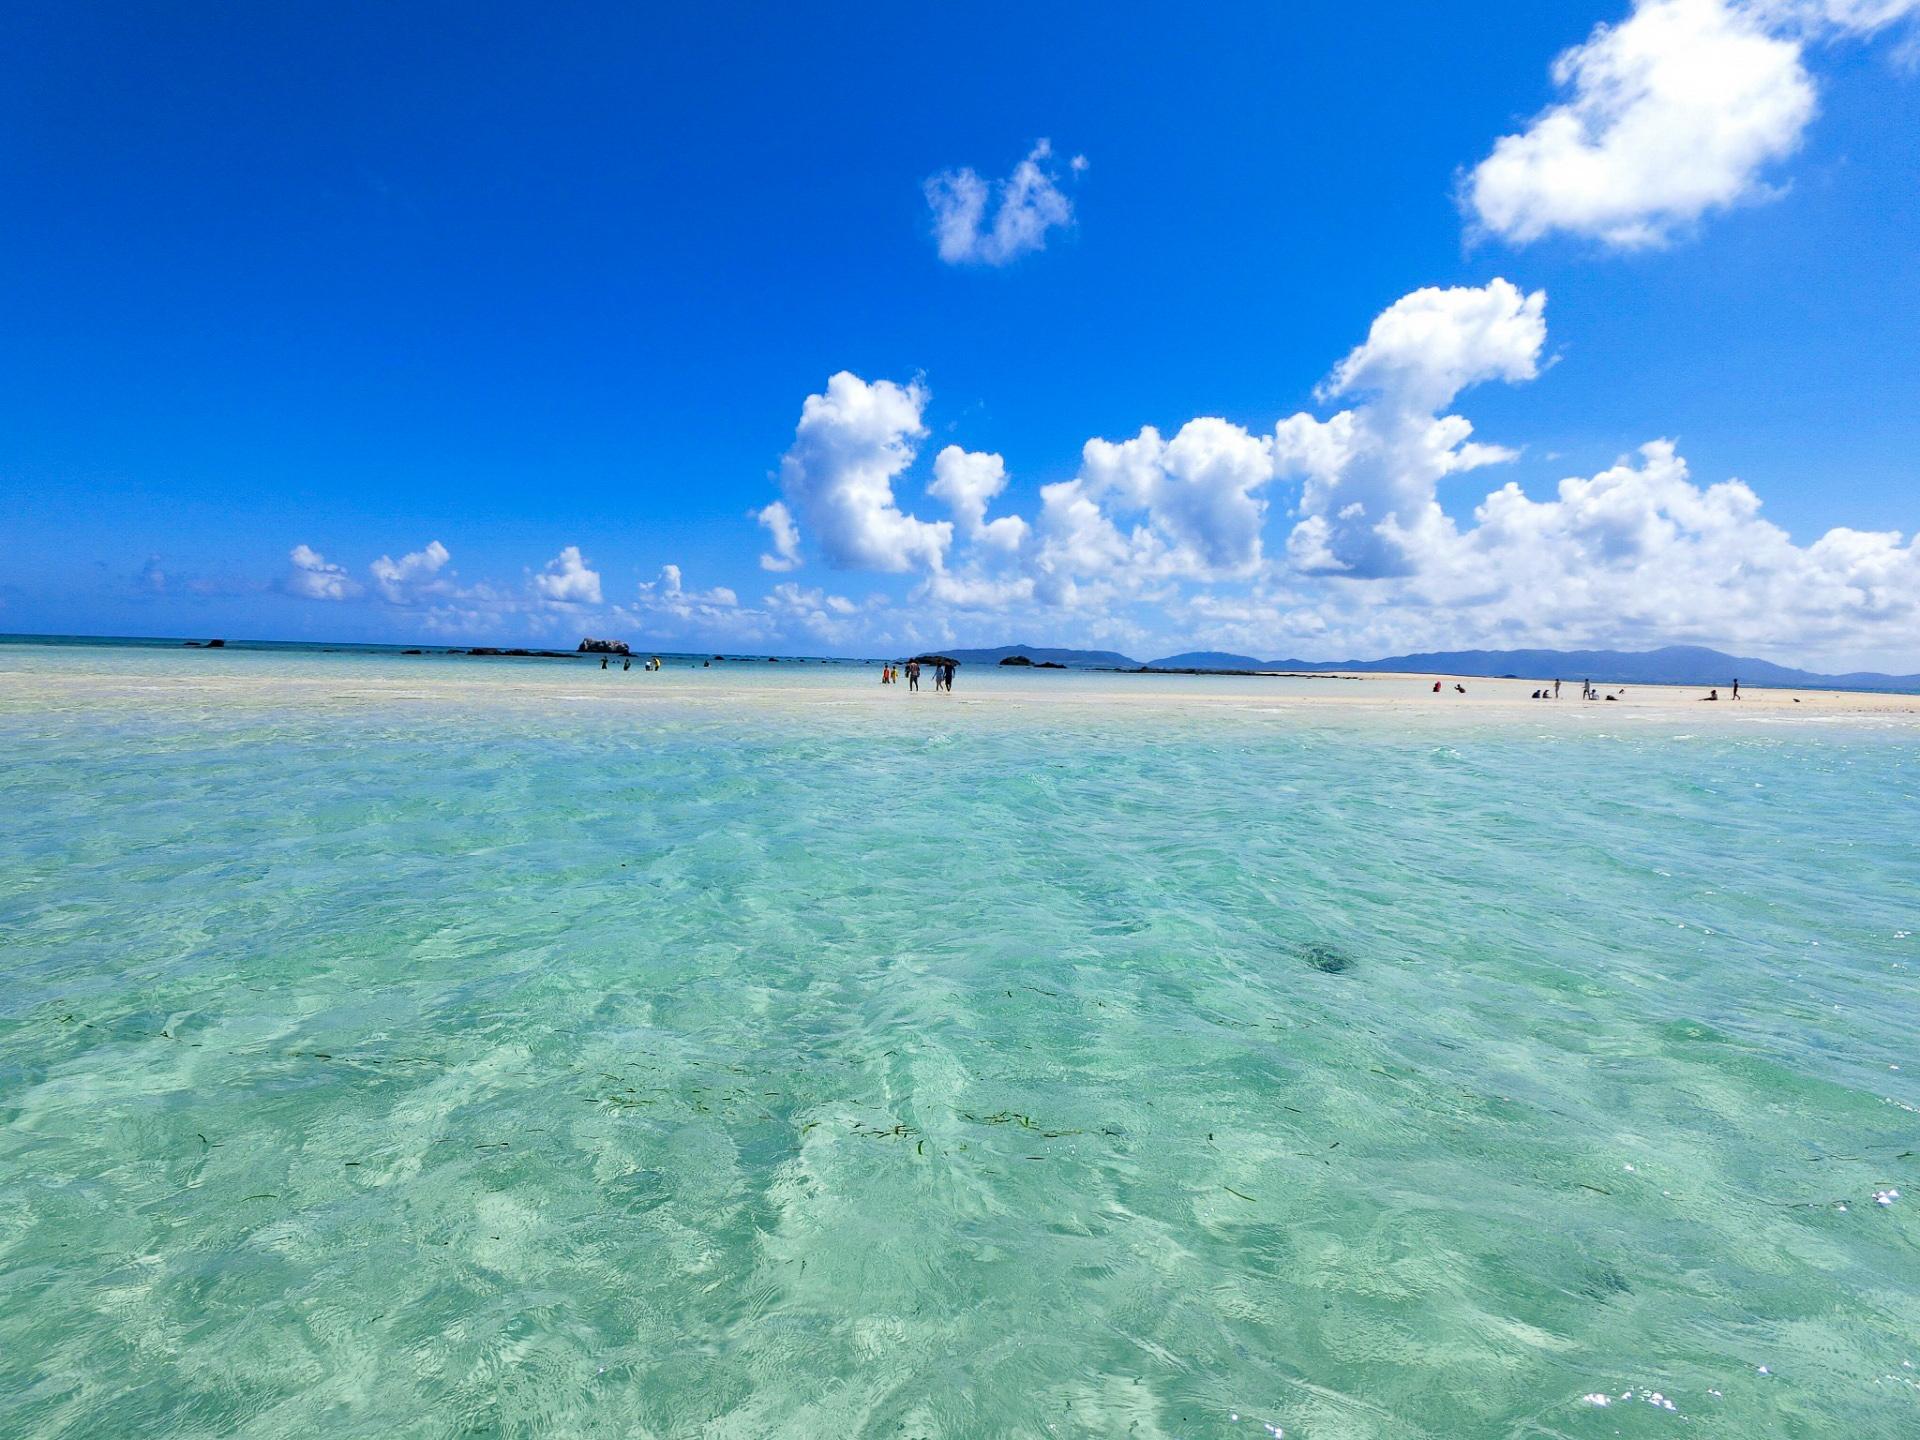 バラス島と合わせて幻の島でのシュノーケリング